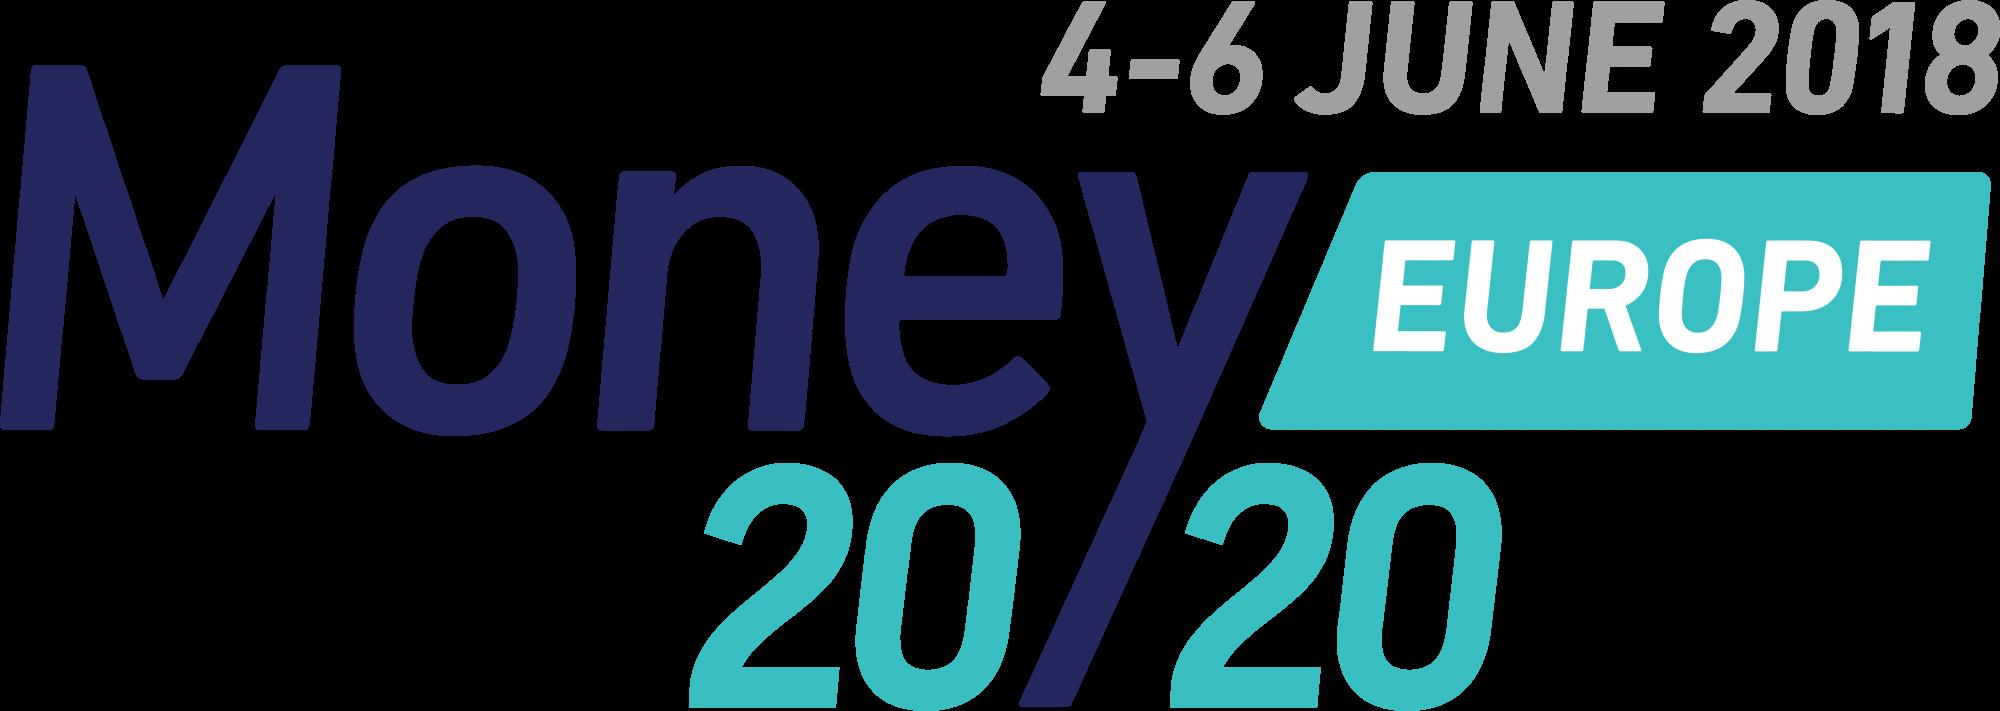 money 2020 europe